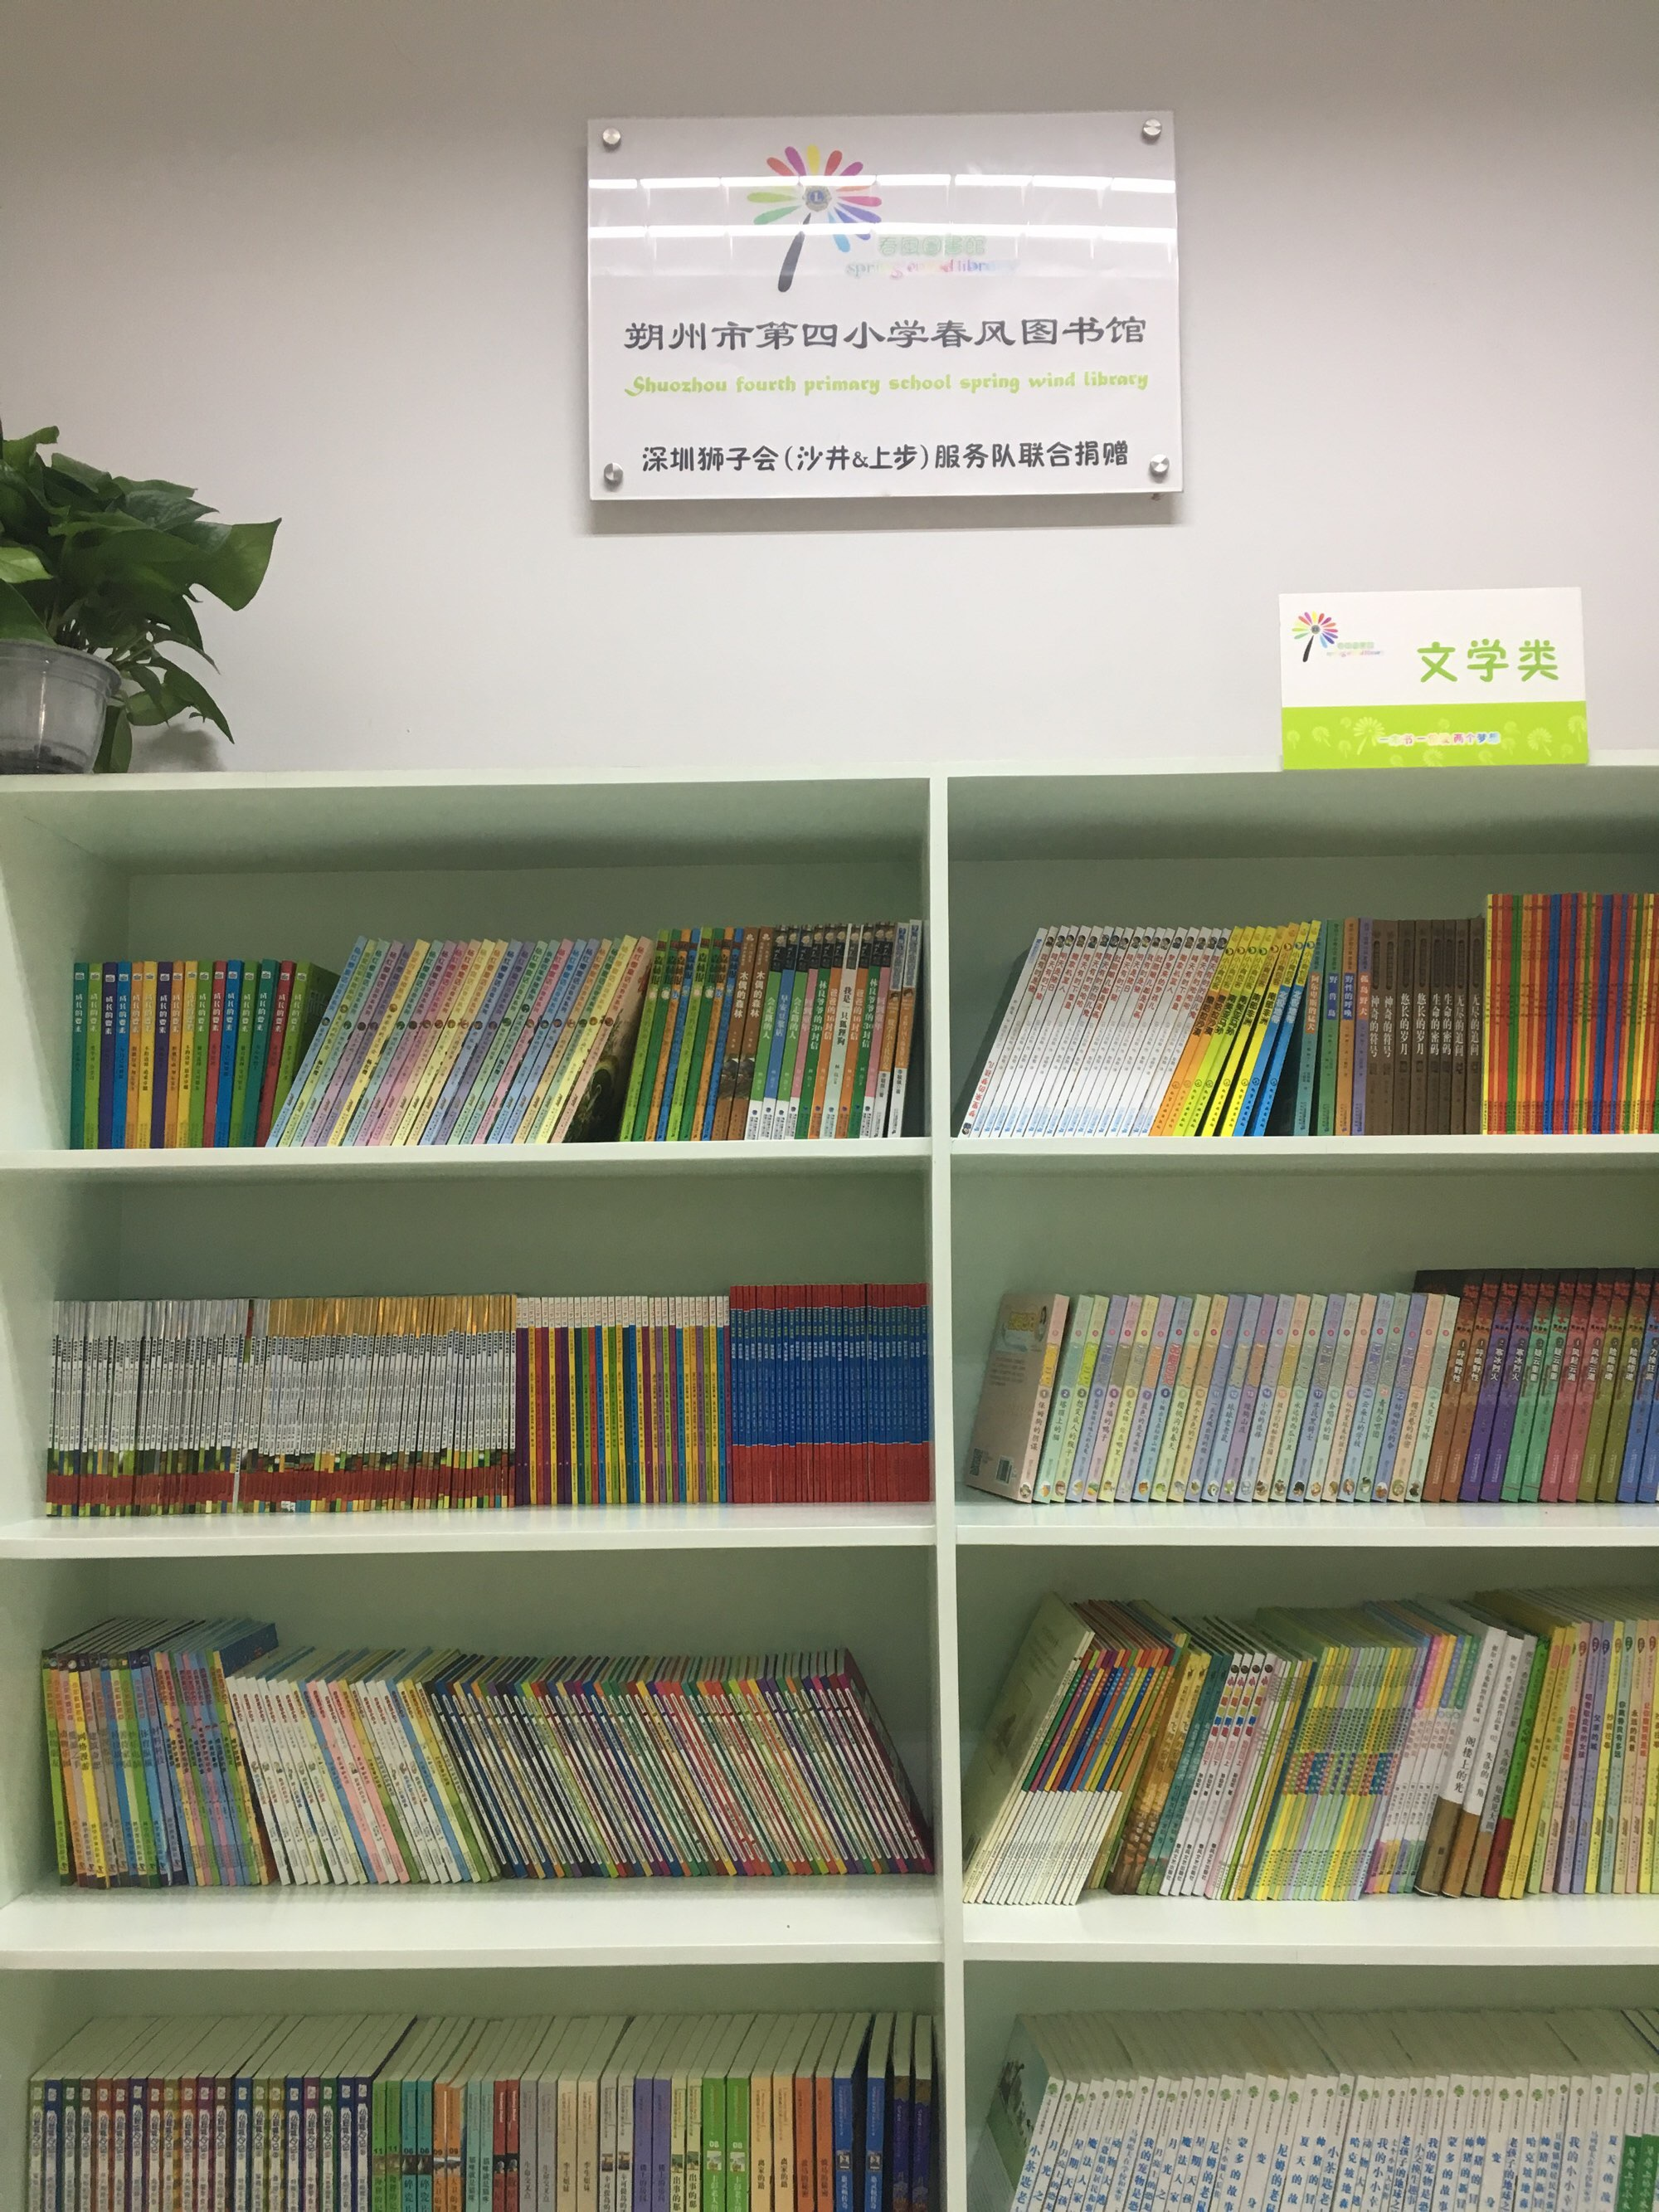 深圳狮子会上步服务队和沙井服务队向朔州市第四小学捐赠了5000册图书